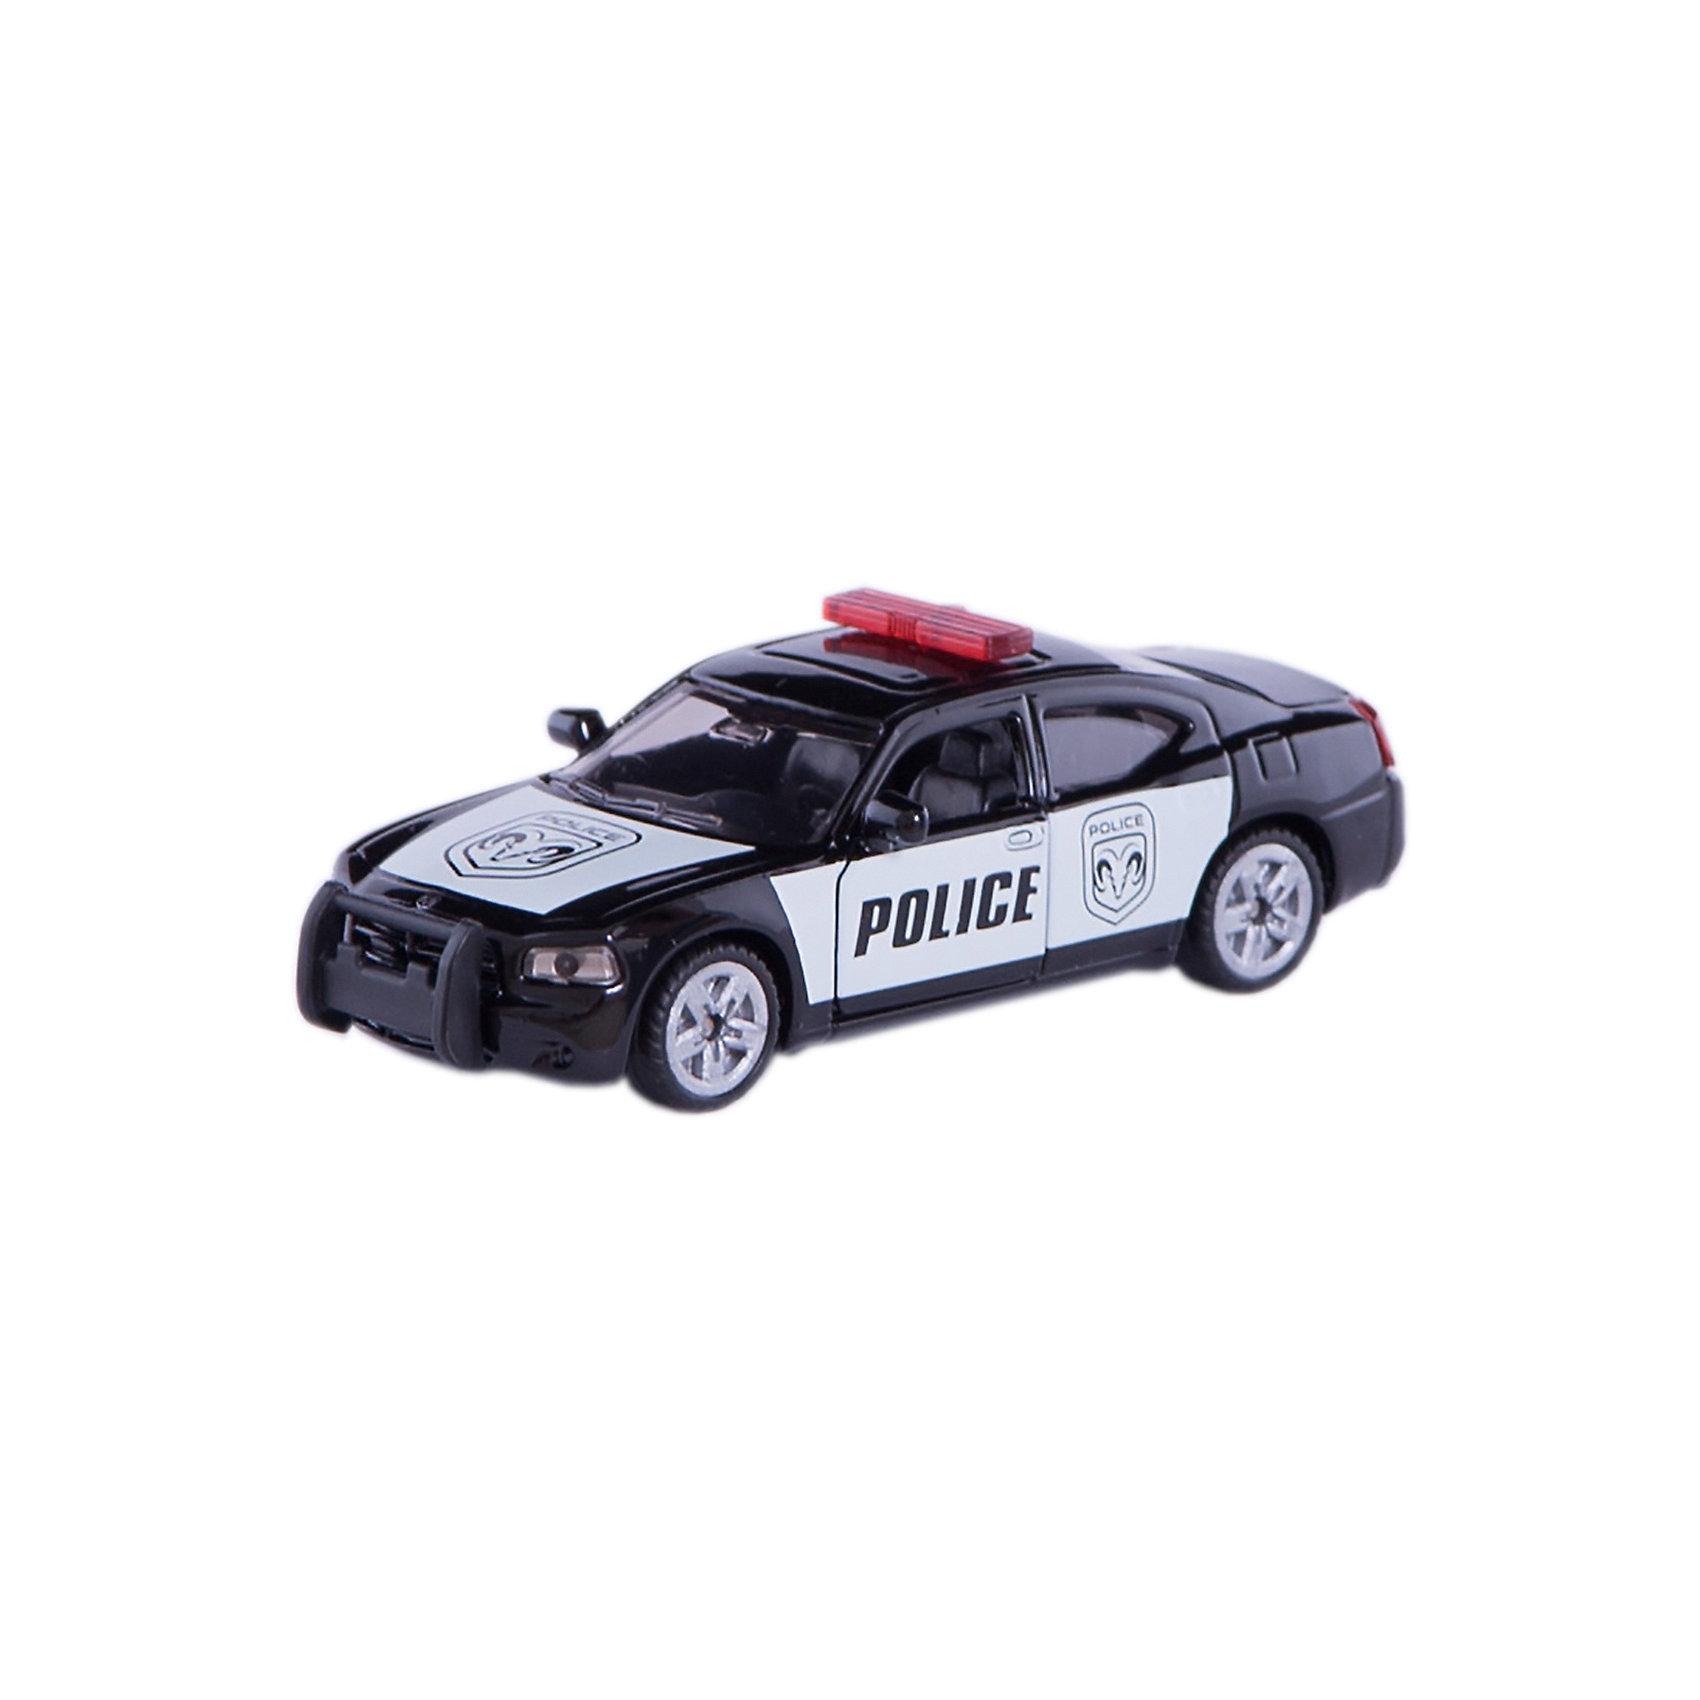 SIKU 1404 Полицейская машинаМашинки<br>Полицейская машина 1404, Siku, станет замечательным подарком для автолюбителей всех возрастов. Модель представляет из себя реалистичную копию полицейского автомобиля и отличается высокой степенью детализации и тщательной проработкой всех элементов. Машина оснащена прозрачными лобовыми стеклами, в салоне можно увидеть сиденья и руль, передние двери открываются, на крыше установлен проблесковый маячок. Машинку можно катать благодаря подвижным колесам. Корпус модели выполнен из металла, детали изготовлены из ударопрочной пластмассы.<br><br>Дополнительная информация:<br><br>- Материал: металл, пластик.<br>- Масштаб: 1:55.<br>- Размер: 8,8 x 4 x 3 см.<br>- Размер упаковки: 10 х 8 х 4 см.<br>- Вес: 68 гр. <br><br> 1404 Полицейскую машину, Siku, можно купить в нашем интернет-магазине.<br><br>Ширина мм: 96<br>Глубина мм: 78<br>Высота мм: 38<br>Вес г: 74<br>Возраст от месяцев: 36<br>Возраст до месяцев: 96<br>Пол: Мужской<br>Возраст: Детский<br>SKU: 1999728